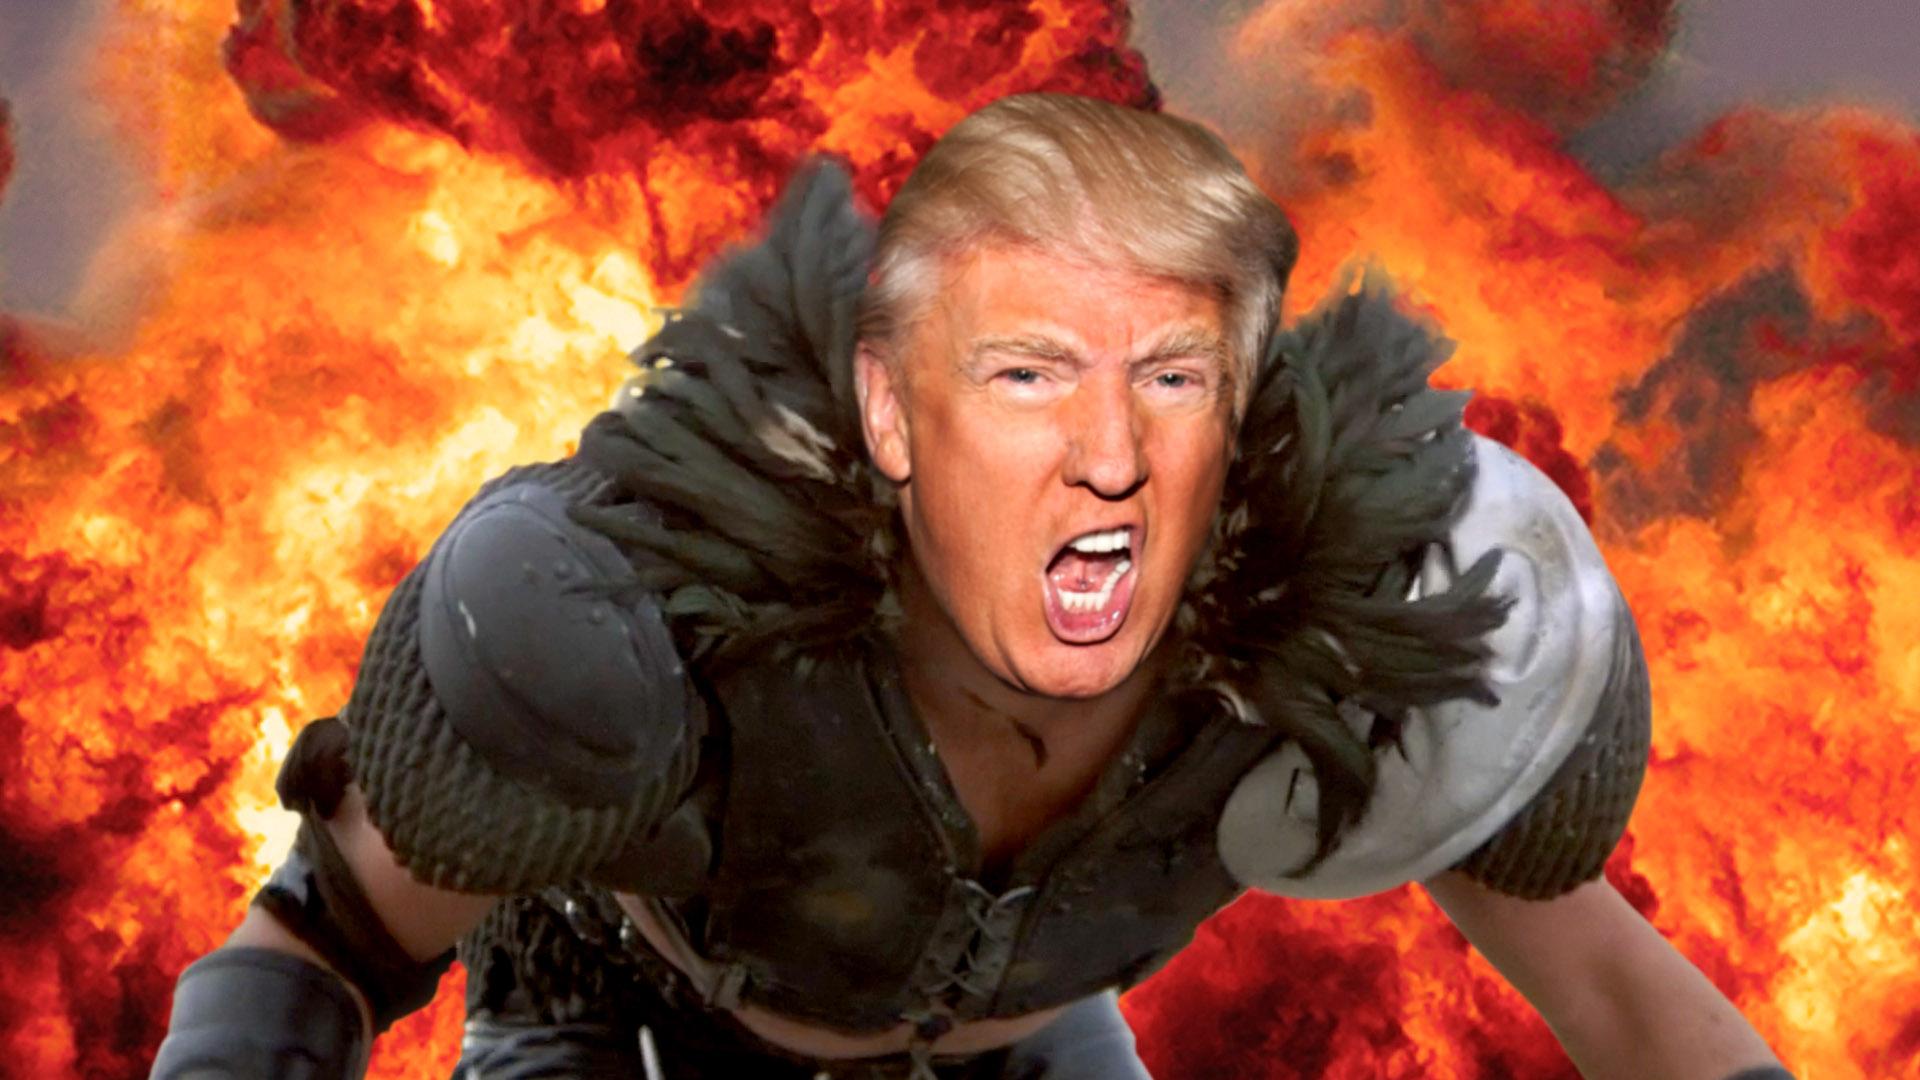 TrumpRoadWarrior.jpg